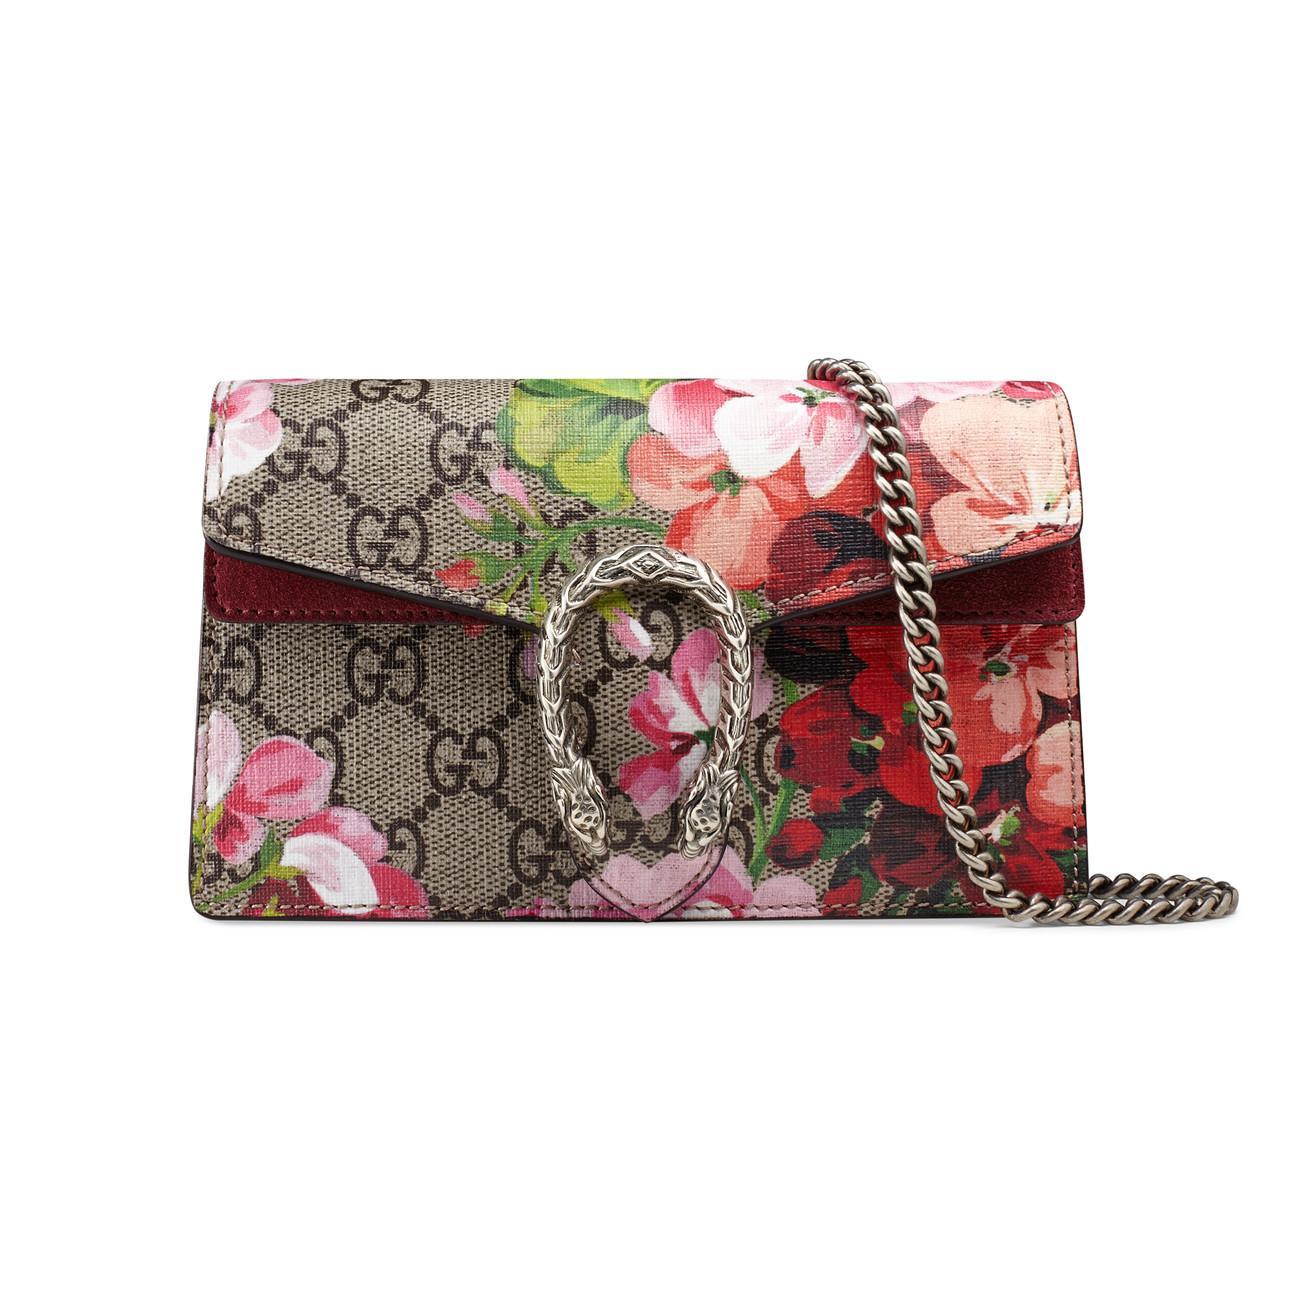 3eea508ec1cc6b Gucci. Women's Dionysus GG Blooms Super Mini Bag